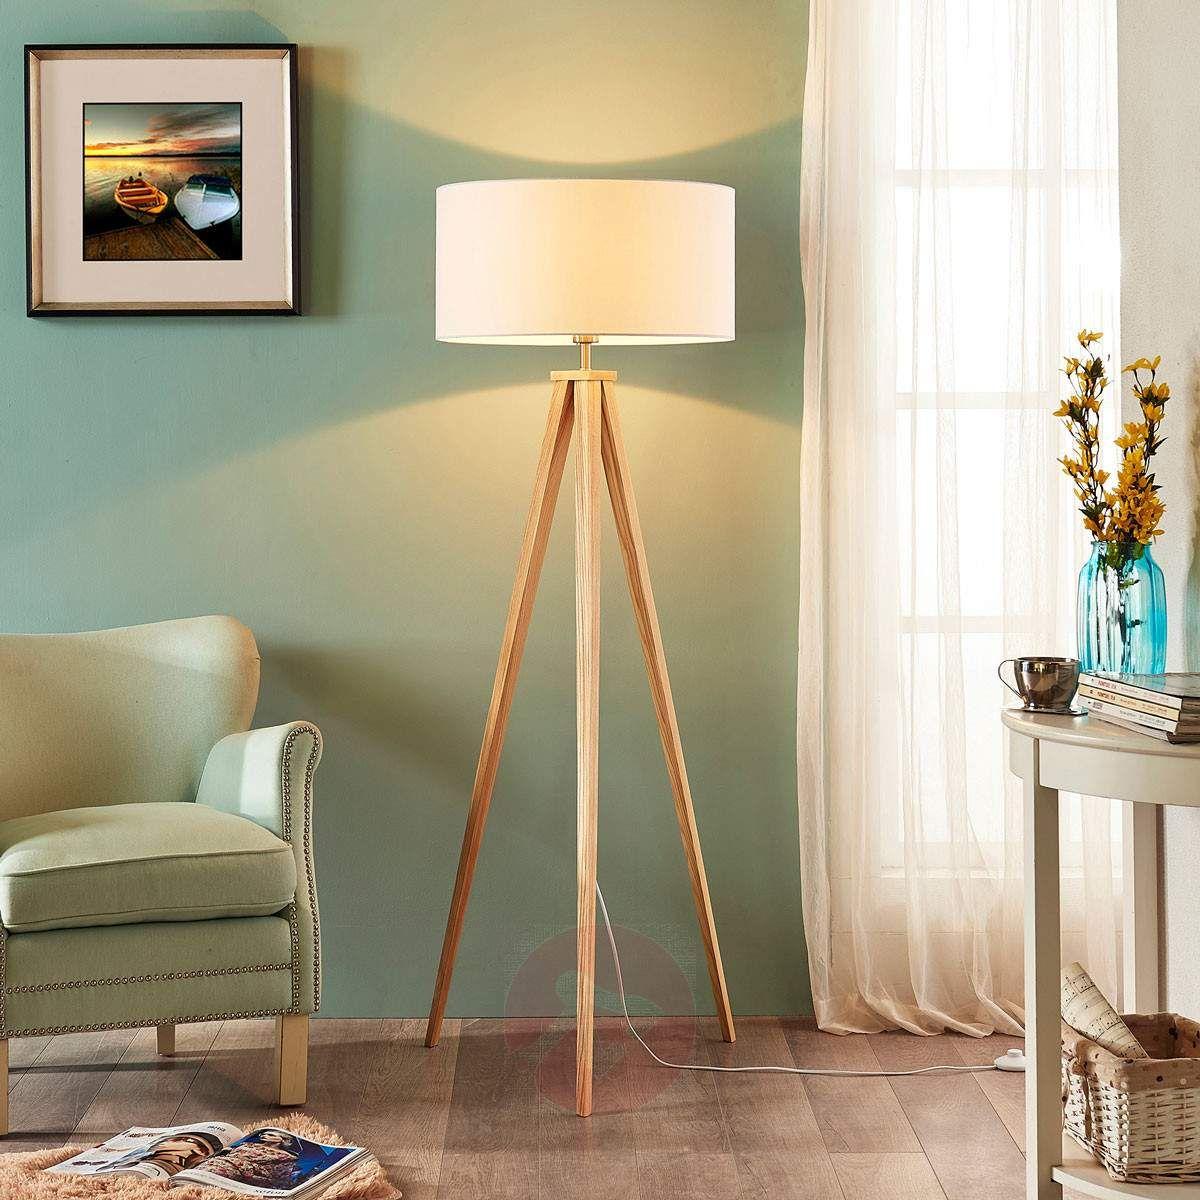 Stehlampe Mya Gestell Dreibeinig Holz Schirm Weiß Stoff Lampenwelt Stehleuchte